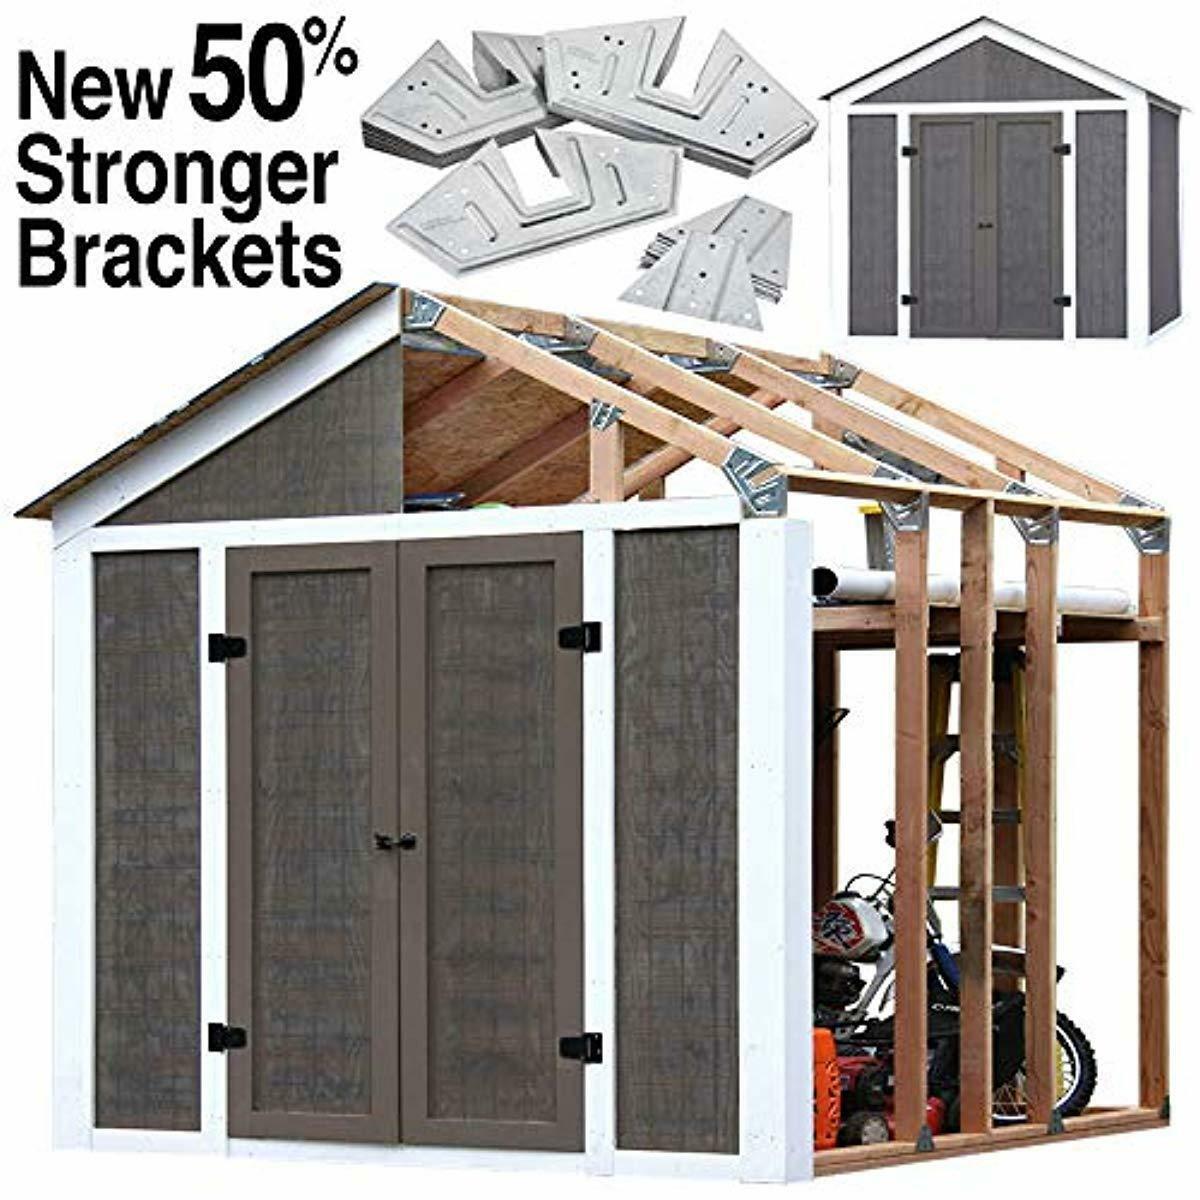 Details About Instant Framing Kit Storage Shed Mini Workshop Garage Peak Style Steel Base New